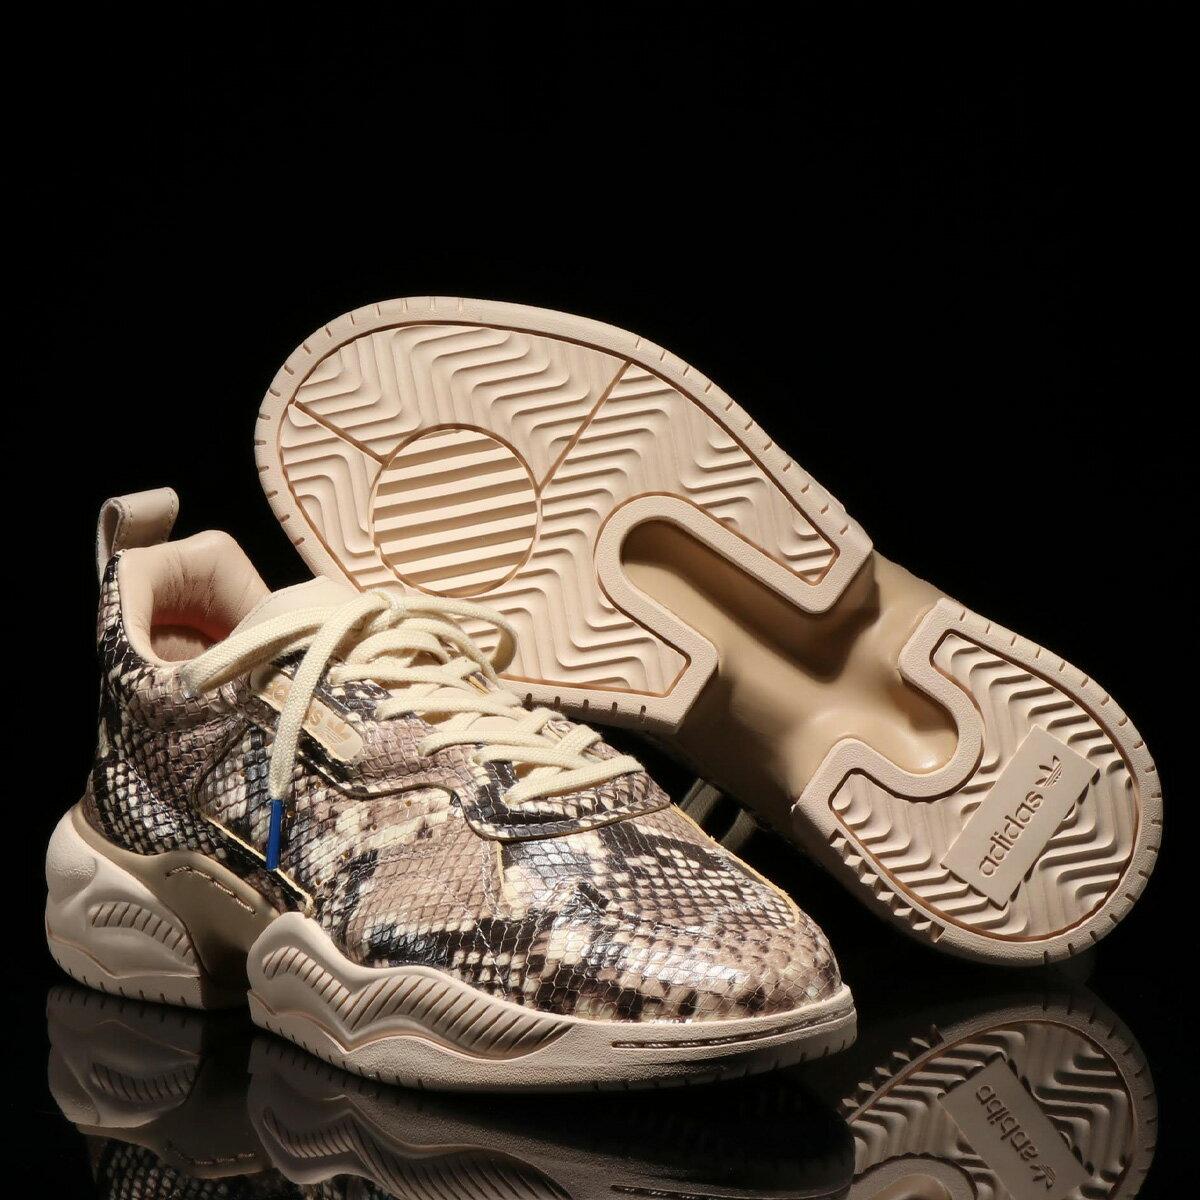 メンズ靴, スニーカー adidas Originals SUPERCOURT RX( RX)CORE BLACKLINENPALE NUDE 19FW-S